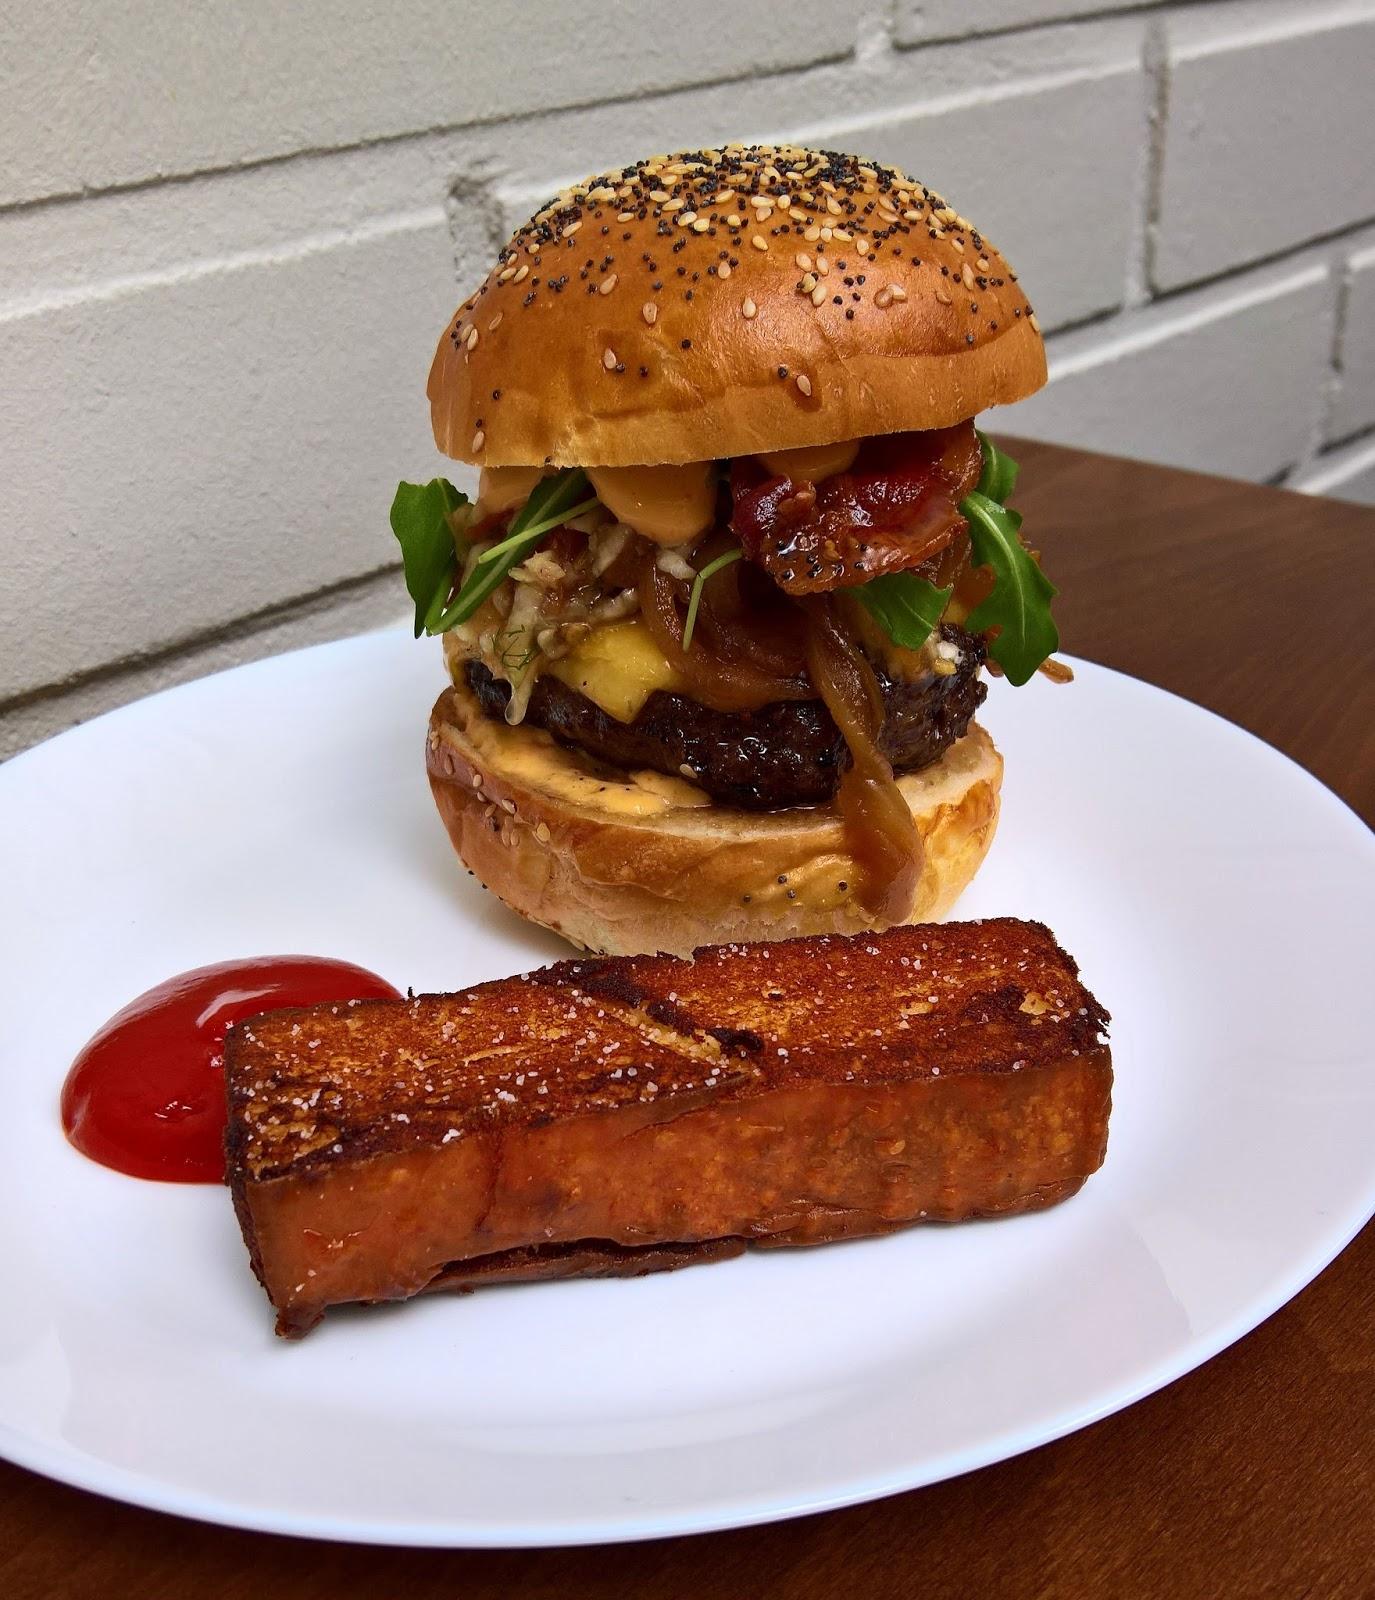 Jyväskylä hampurilaistesti hampurilainen burger mallaspulla ruokablogi lounge jyväskylä